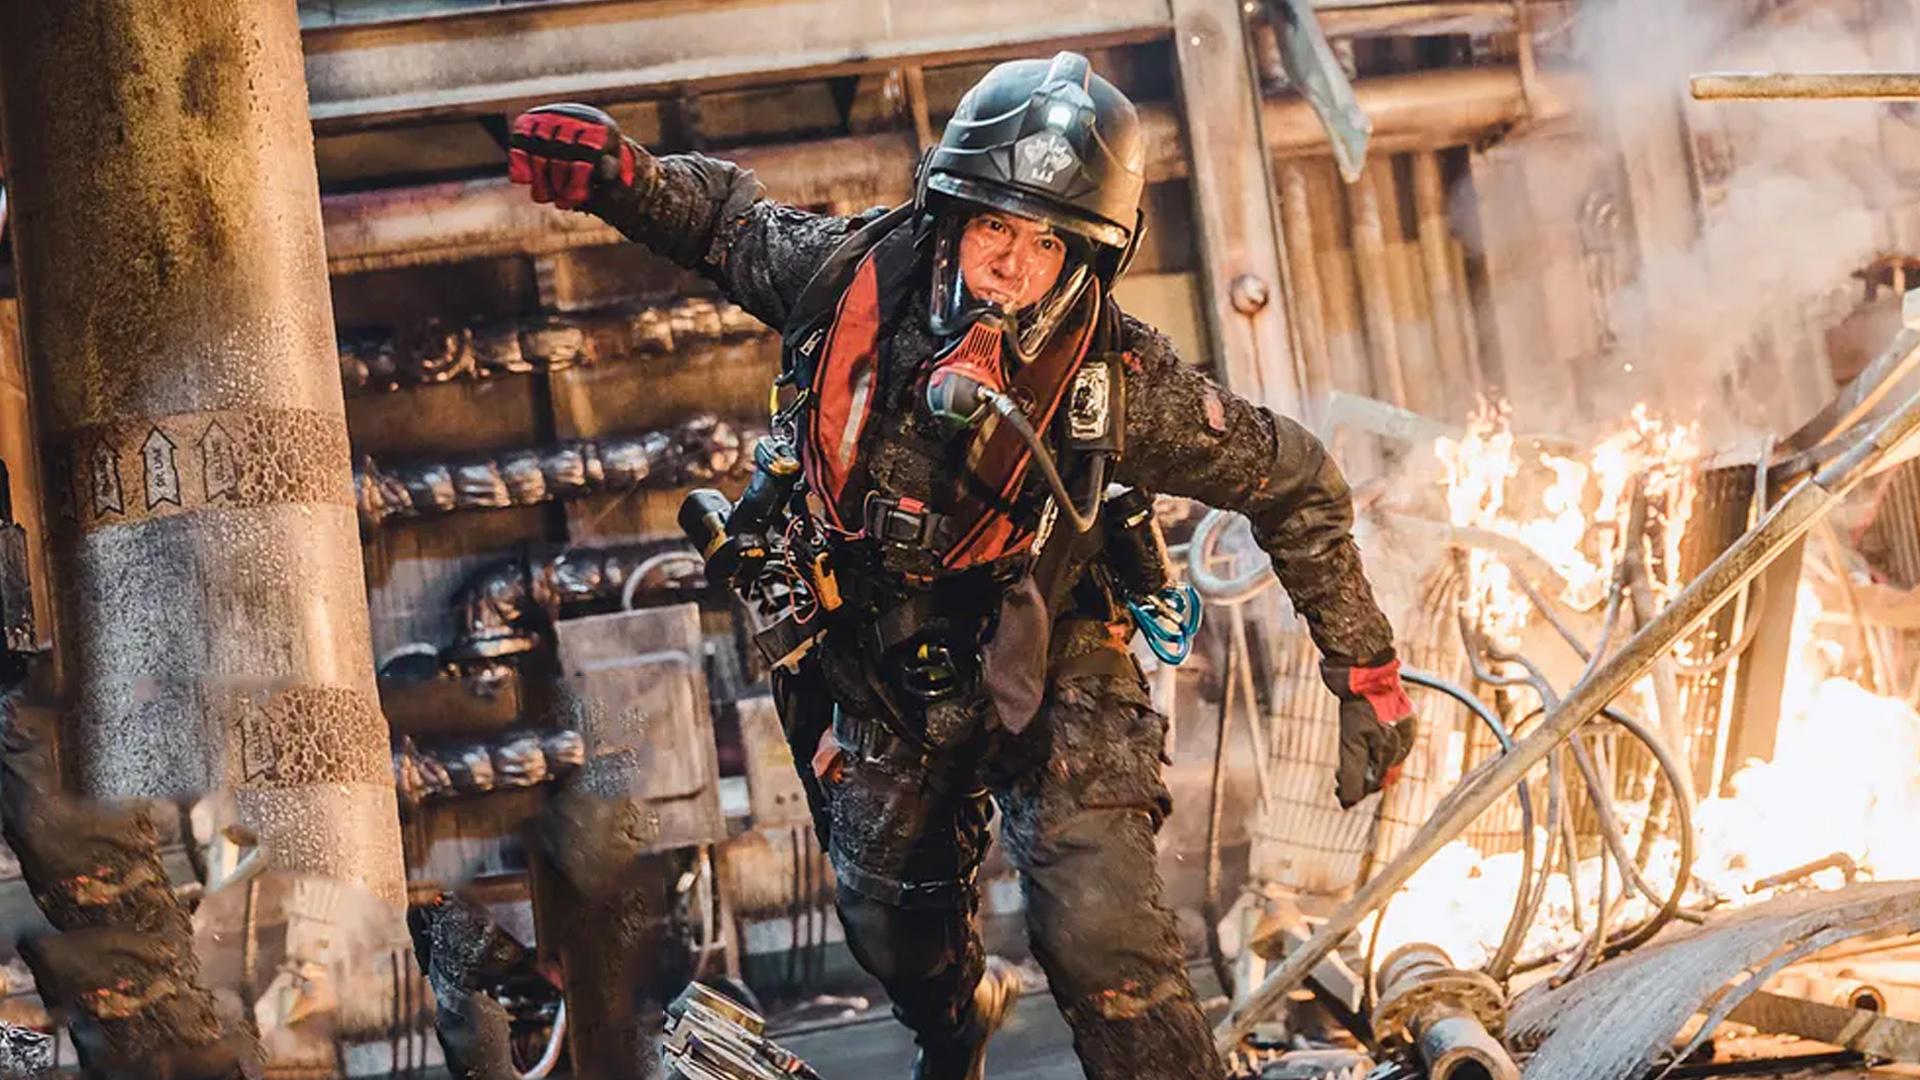 #电影迷的修养#中国首部聚焦海上救援电影,《紧急救援》硬核来袭,致敬中国救捞